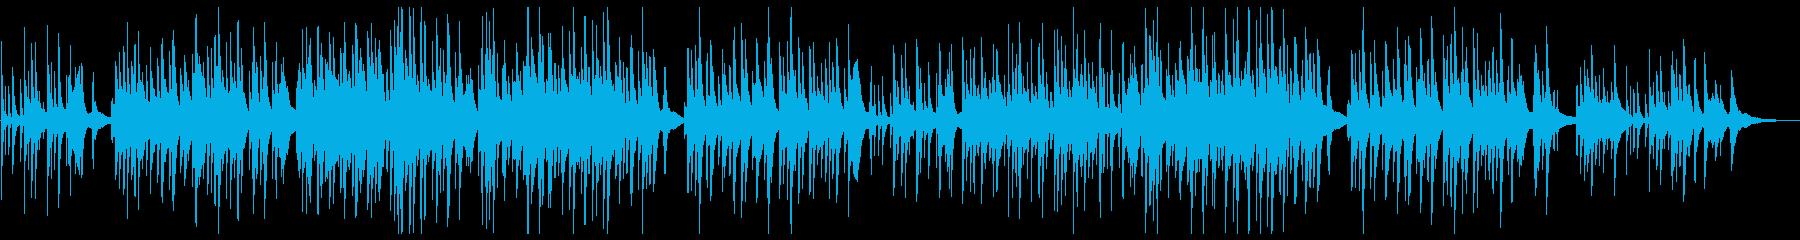 しっとりと切ないピアノバラードの再生済みの波形